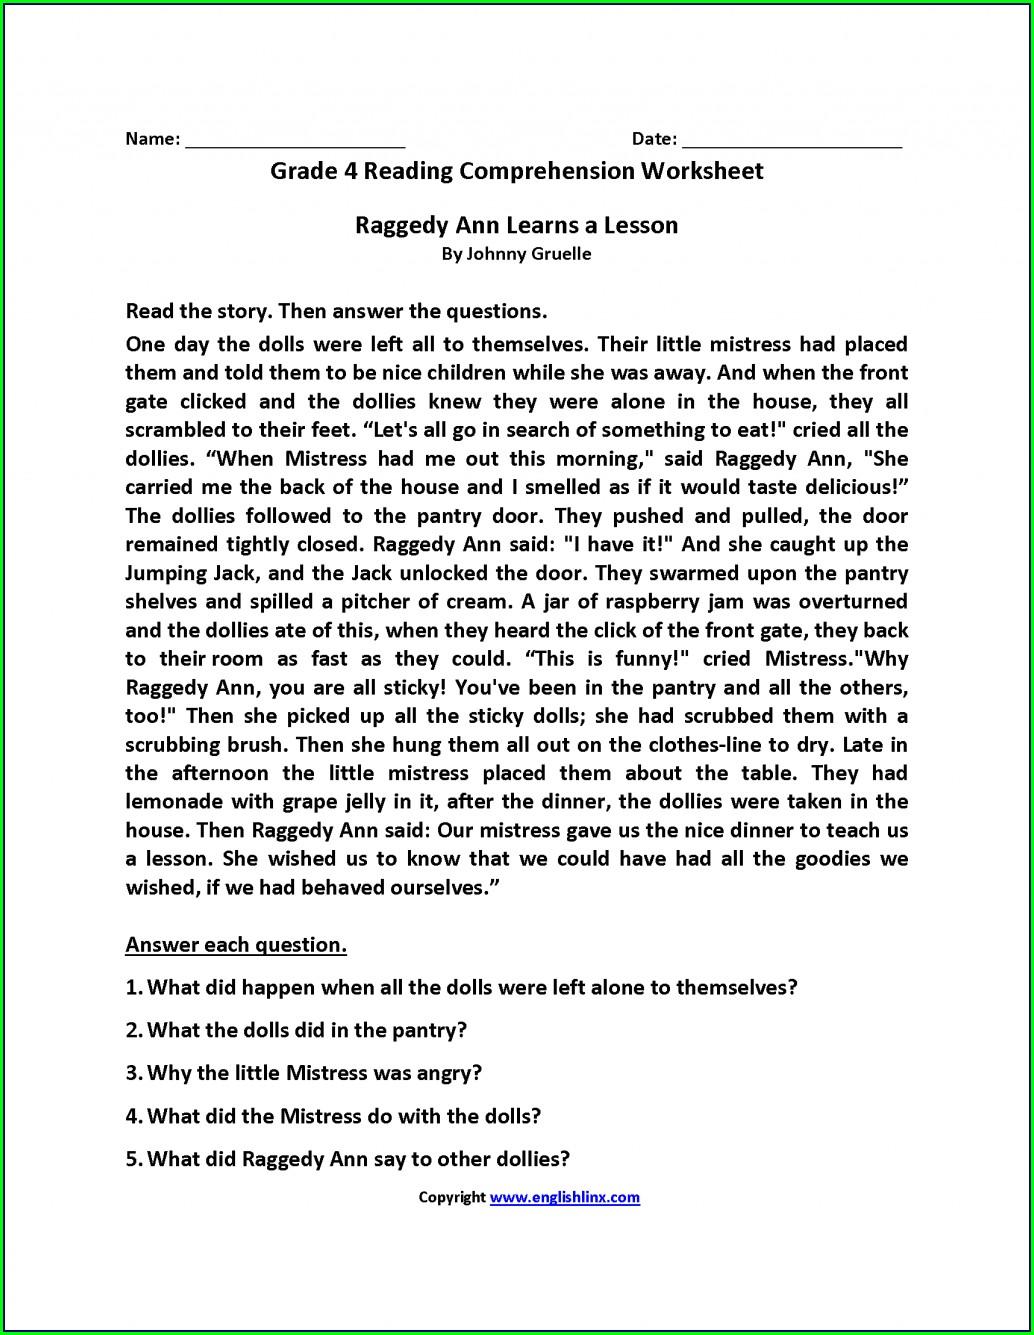 Reading Comprehension Worksheet 4th Grade